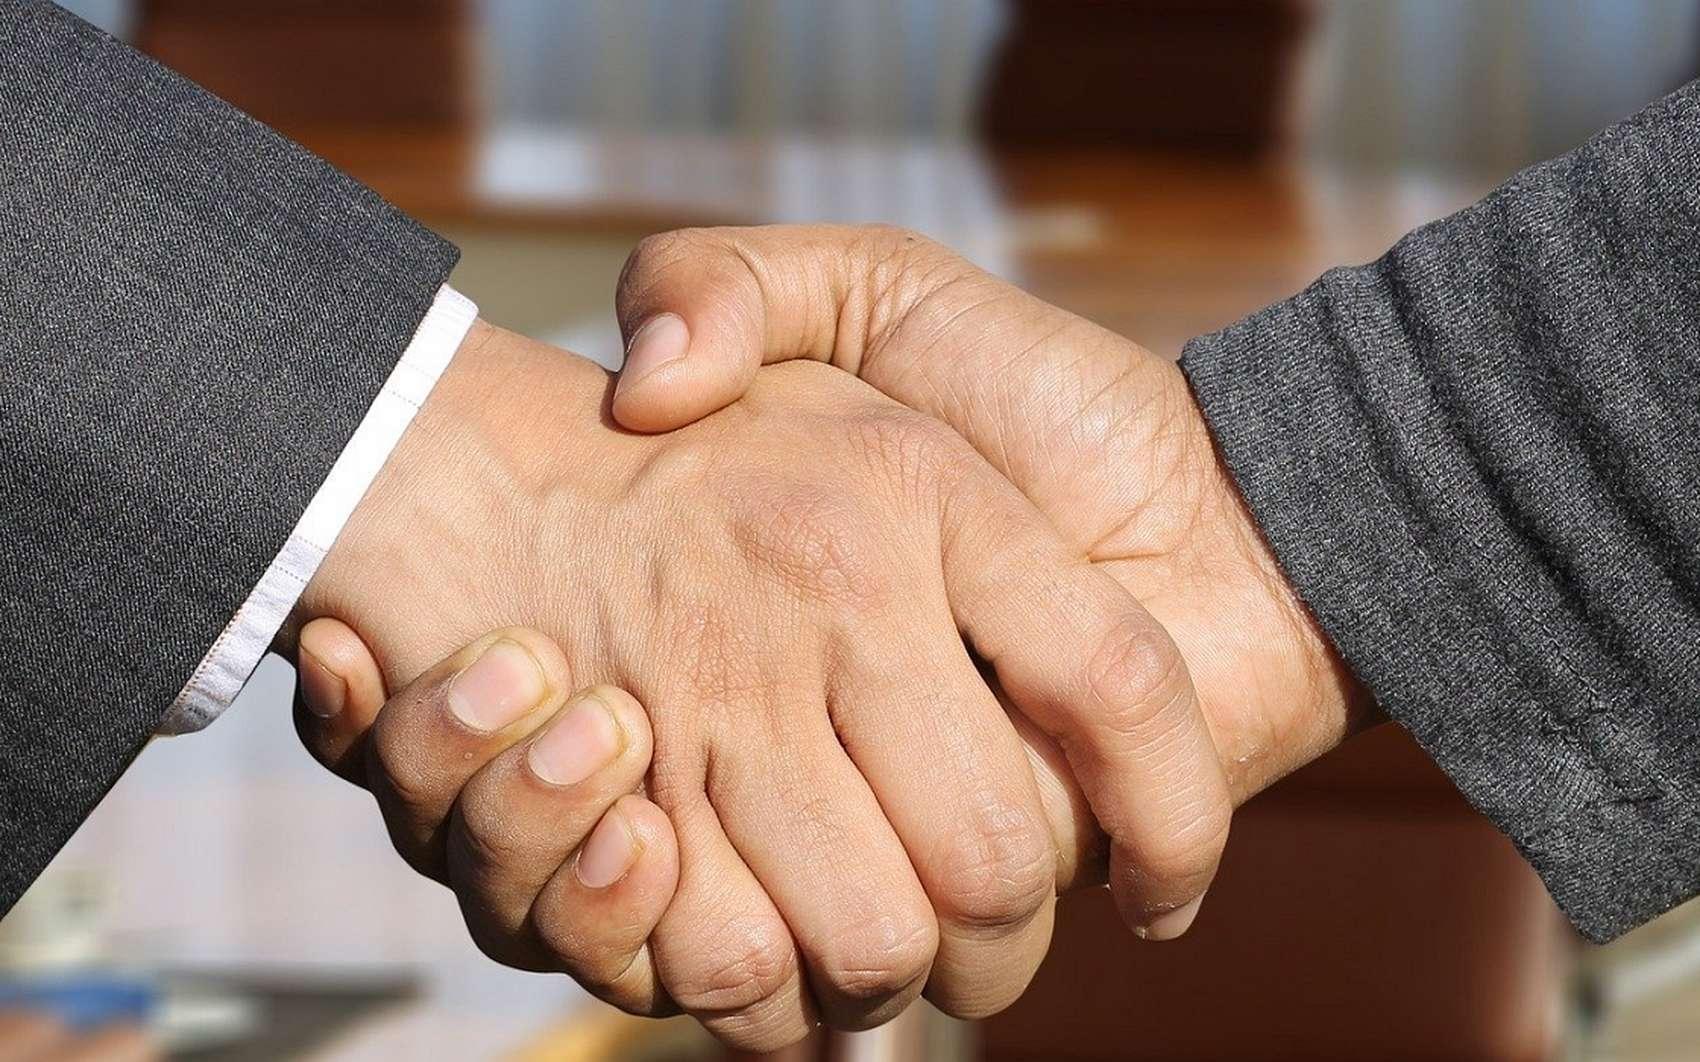 Le compromis de vente. © geralt, Pixabay